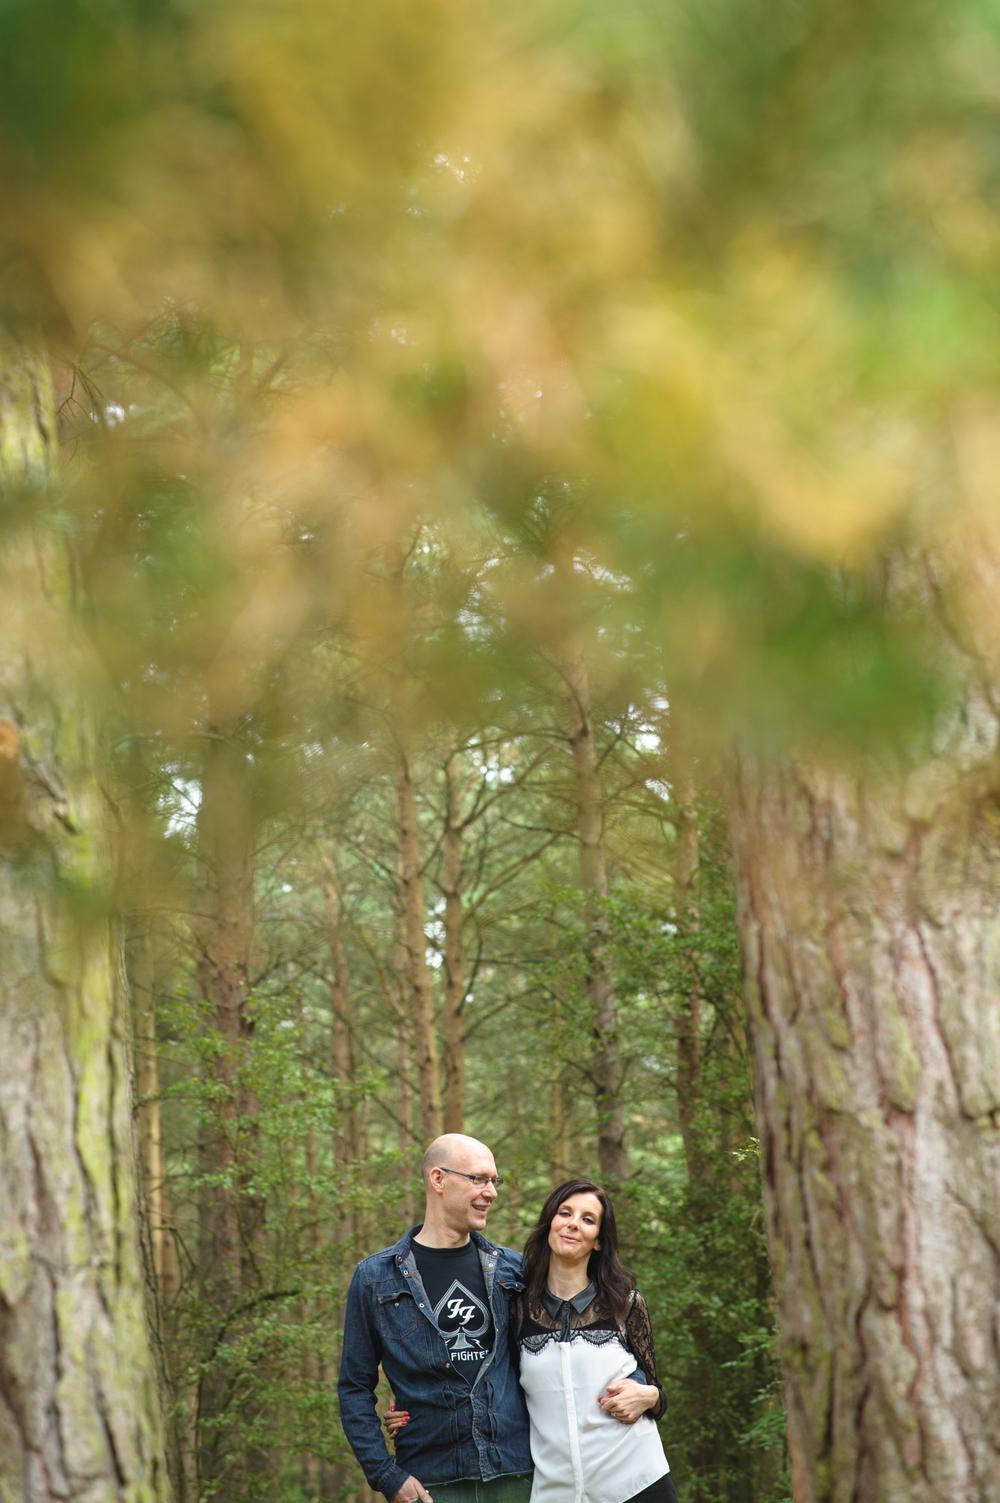 Sophie_&_Shaun_pre-wed_041.jpg